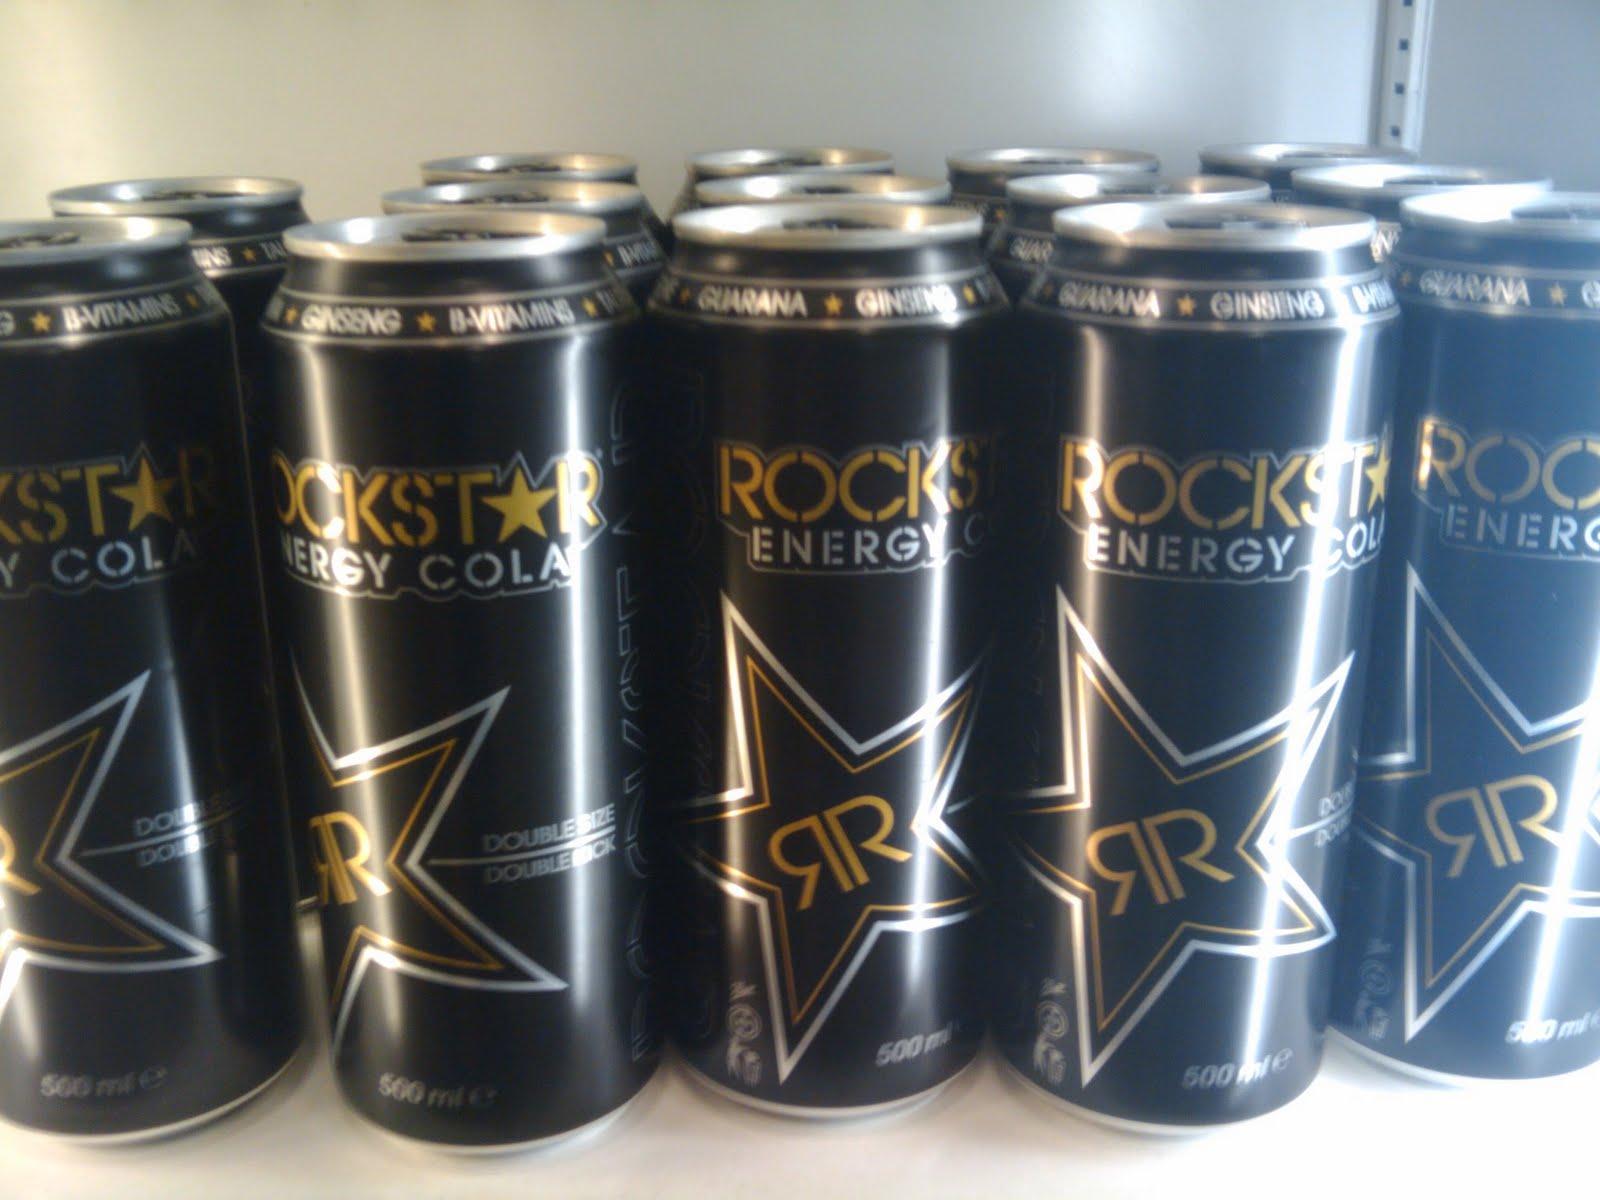 http://4.bp.blogspot.com/_OKu8i5B4bT4/S9SuliR3PcI/AAAAAAAAAc4/VQfqLmi3llw/s1600/Rockstar%2BEnergy%2BCola.jpg